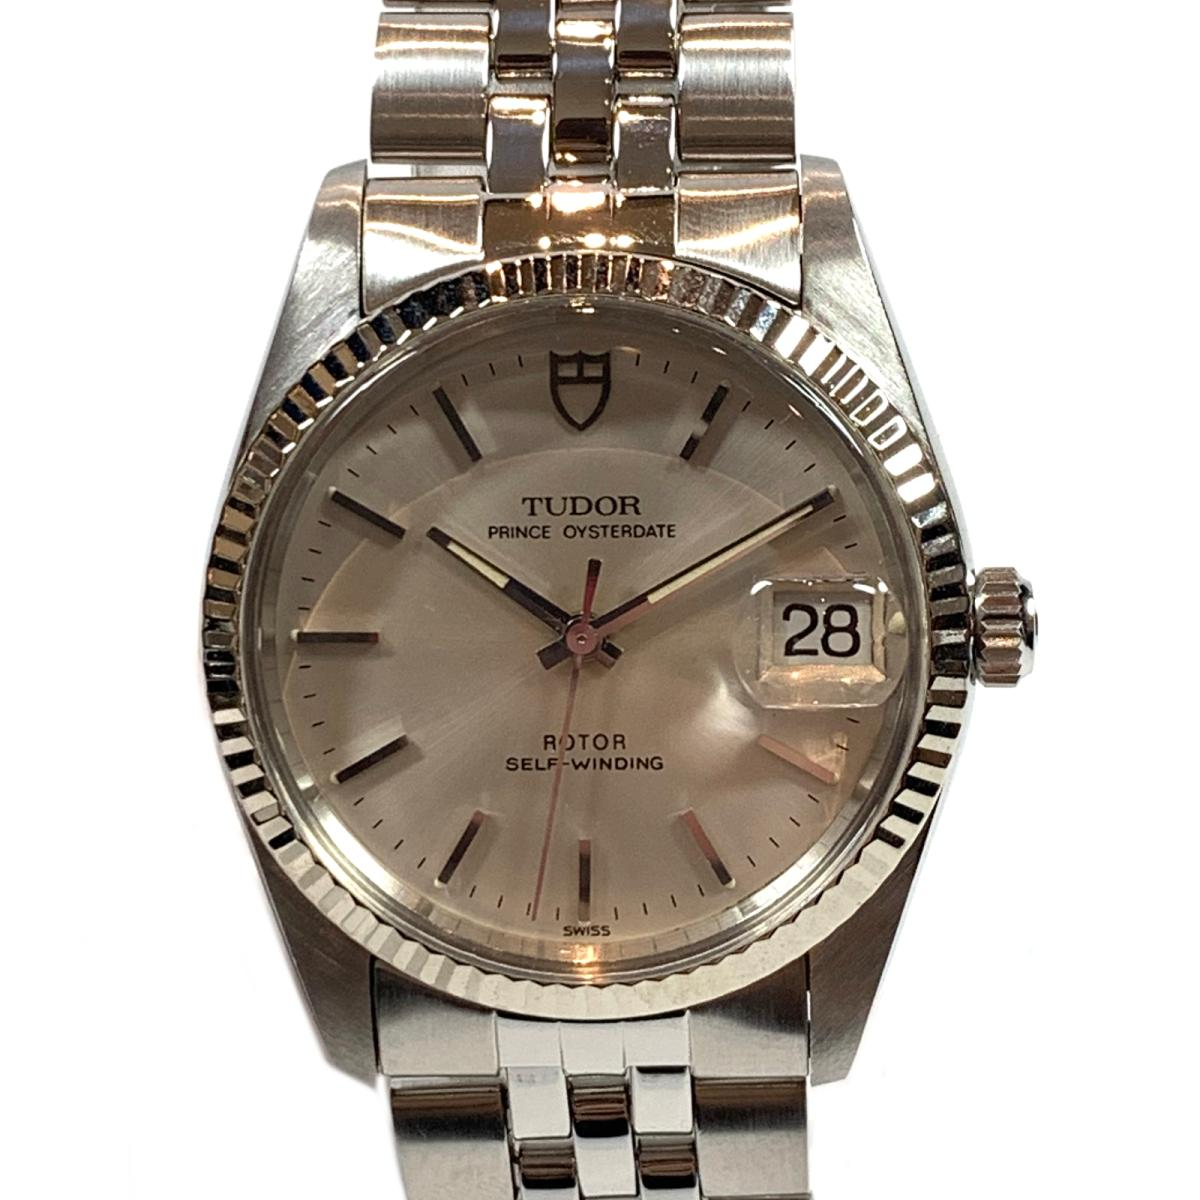 【中古】 チュードル プリンスオイスターデイト 腕時計 ウォッチ メンズ ステンレススチール (SS) シルバー | TUDOR BRANDOFF ブランドオフ ブランド ブランド時計 ブランド腕時計 時計